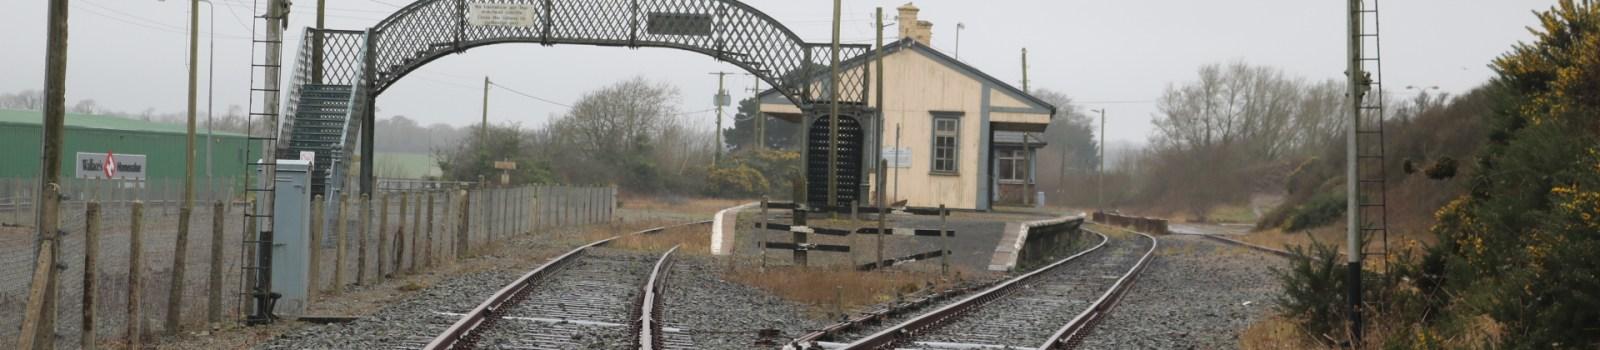 Wellingtonbridge Railway Station